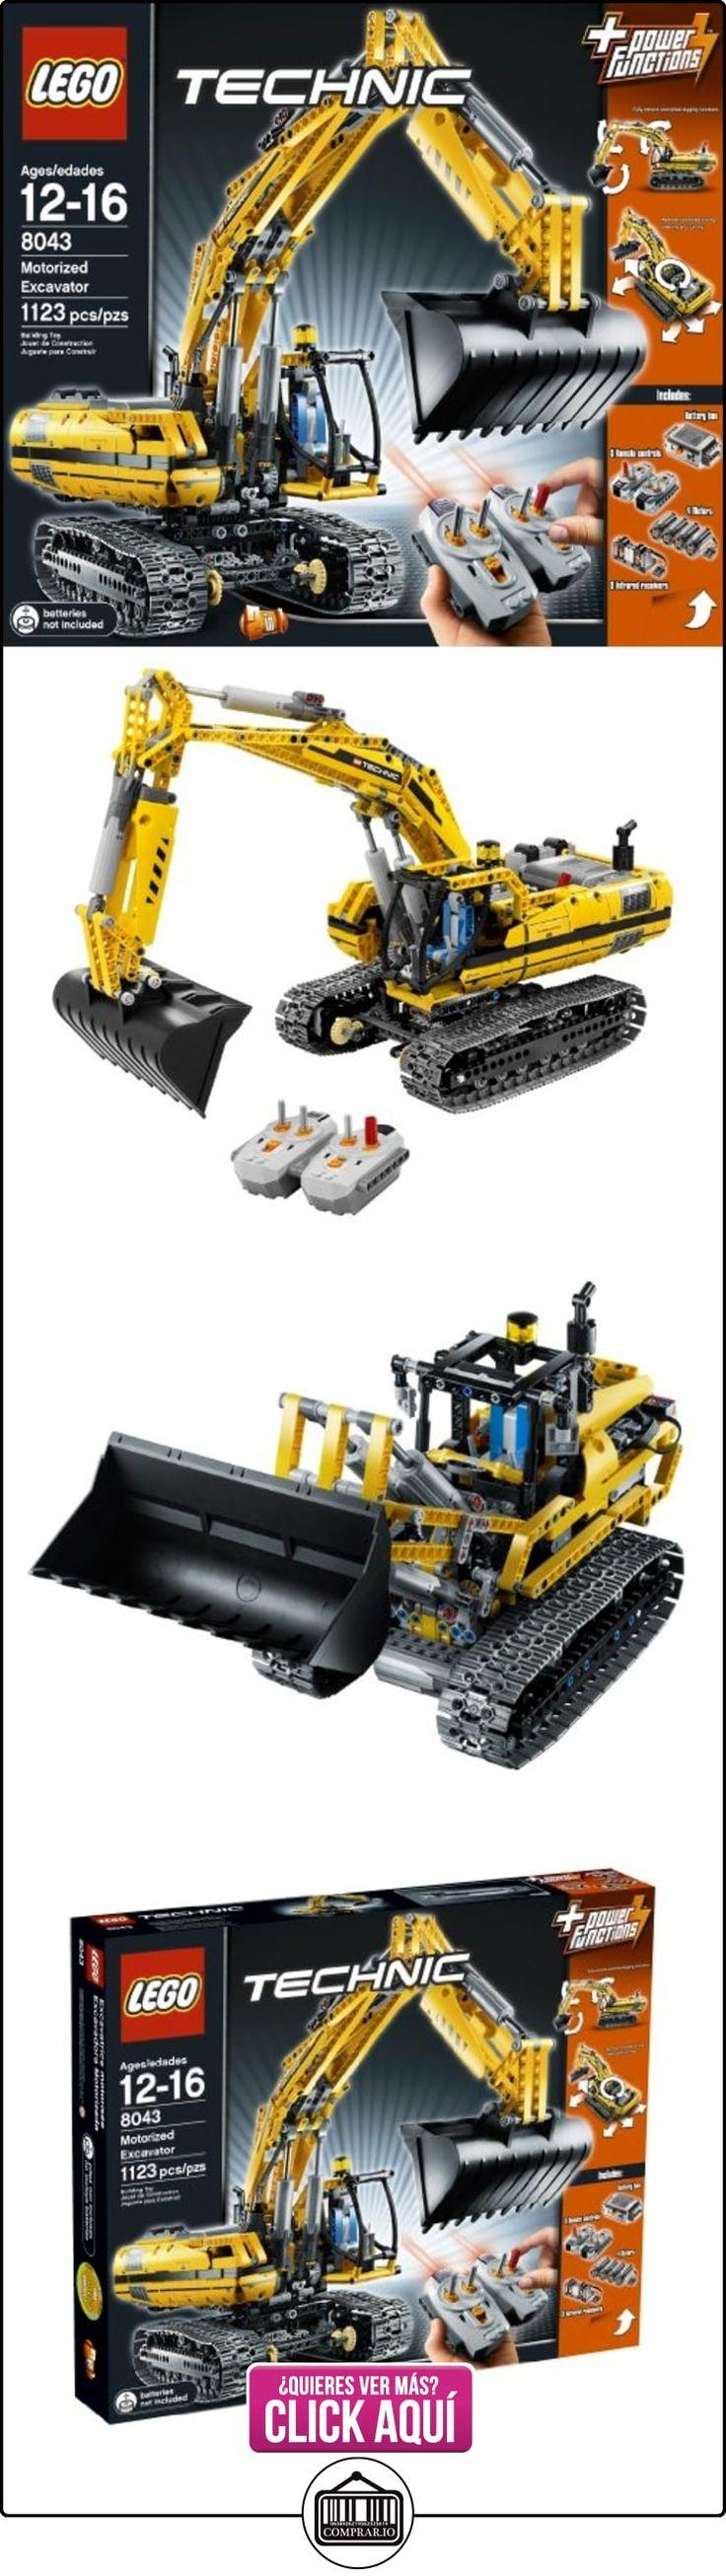 LEGO Technic Motorized Excavator 1127pieza(s) - juegos de construcción (Multicolor)  ✿ Lego - el surtido más amplio ✿ ▬► Ver oferta: https://comprar.io/goto/B003F82N0O